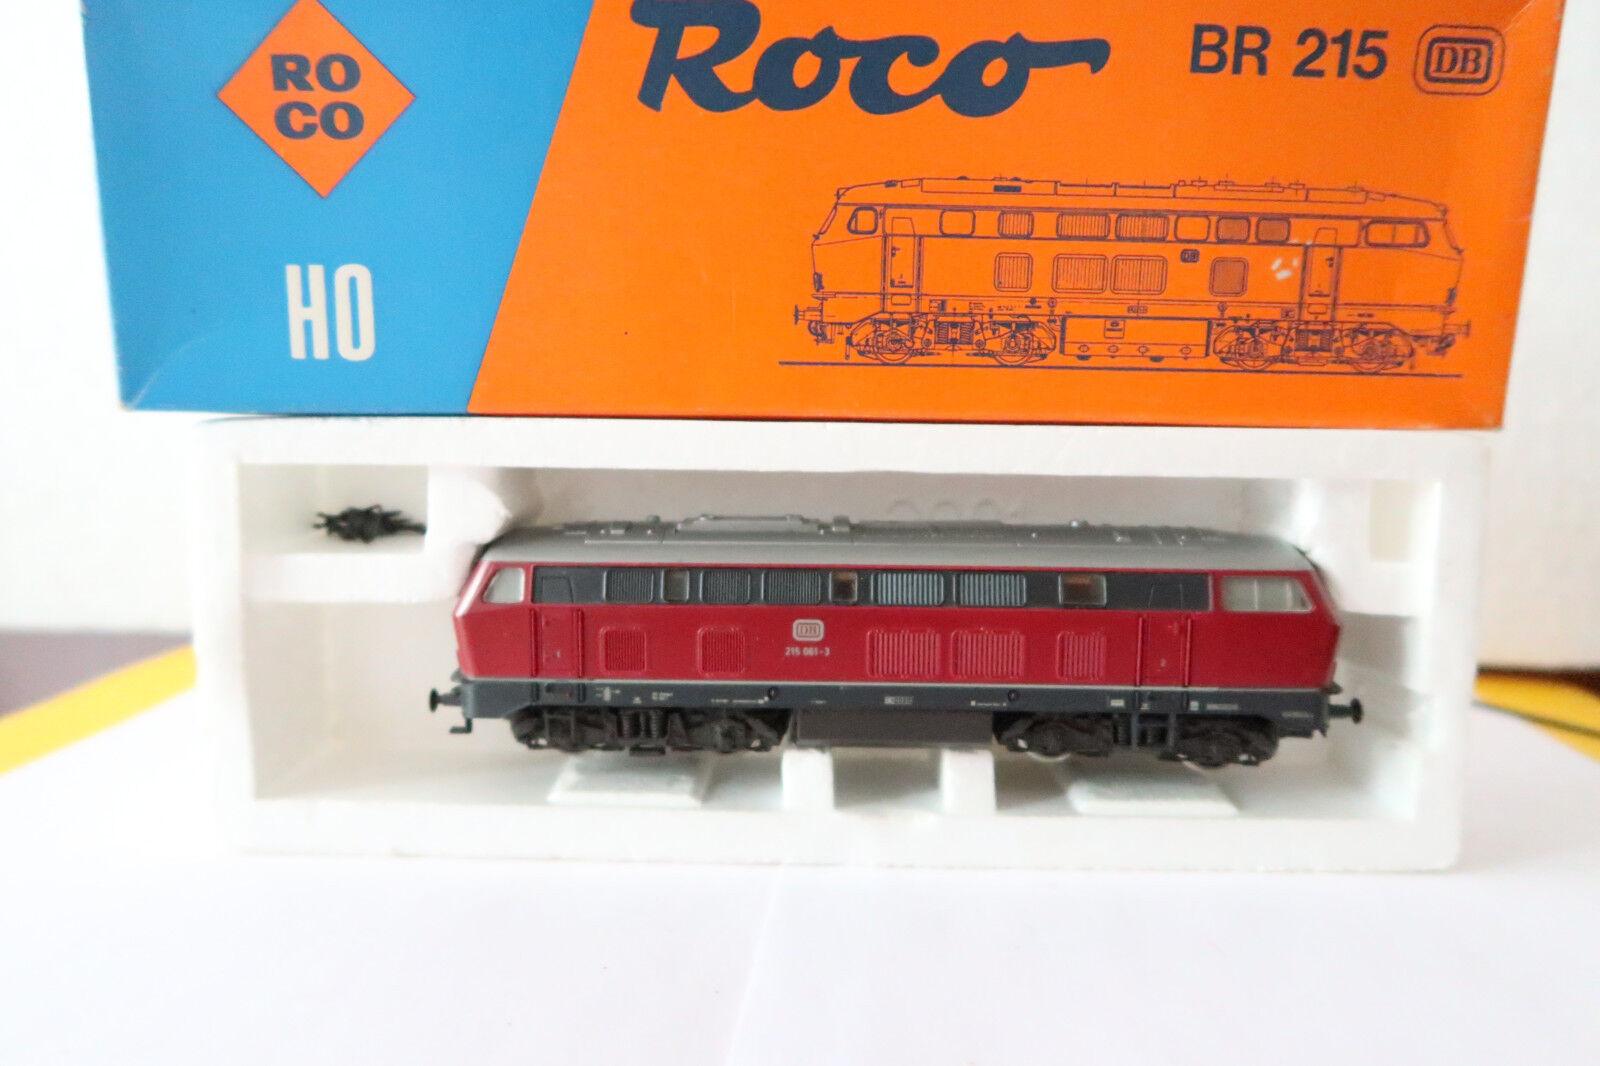 economico in alta qualità Roco Roco Roco HO DC 43449 Diesel Lok BR 215 061-3 DB Altrosso (AA 686-31R8 10)  prezzo all'ingrosso e qualità affidabile